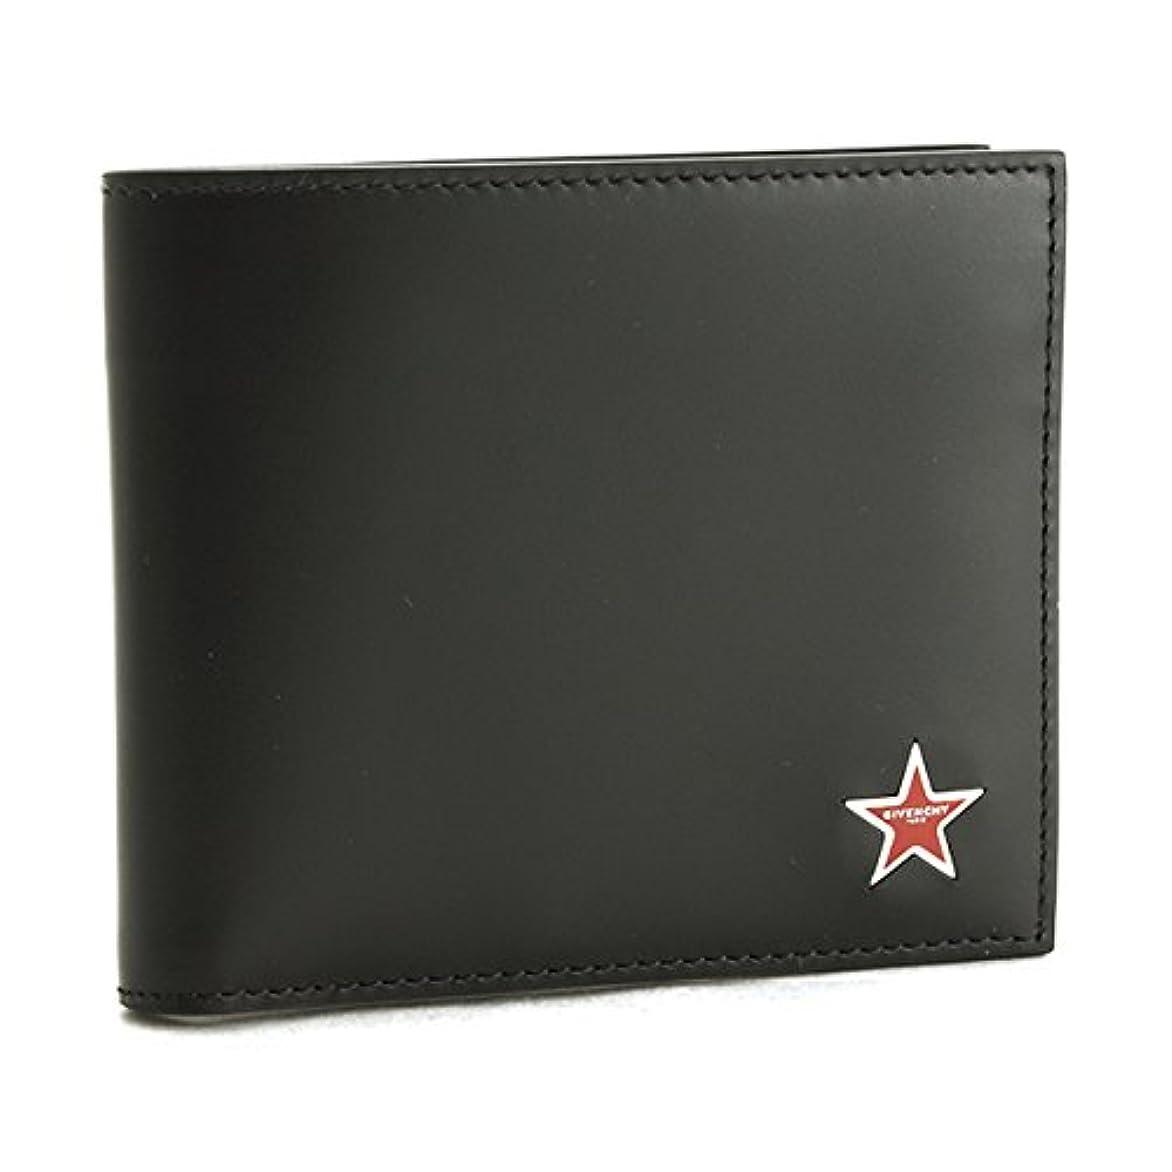 立派な立方体もしGIVENCHY(ジバンシー) 財布 メンズ LAMB 2つ折り財布 ブラック BK6005K-031-001 [並行輸入品]